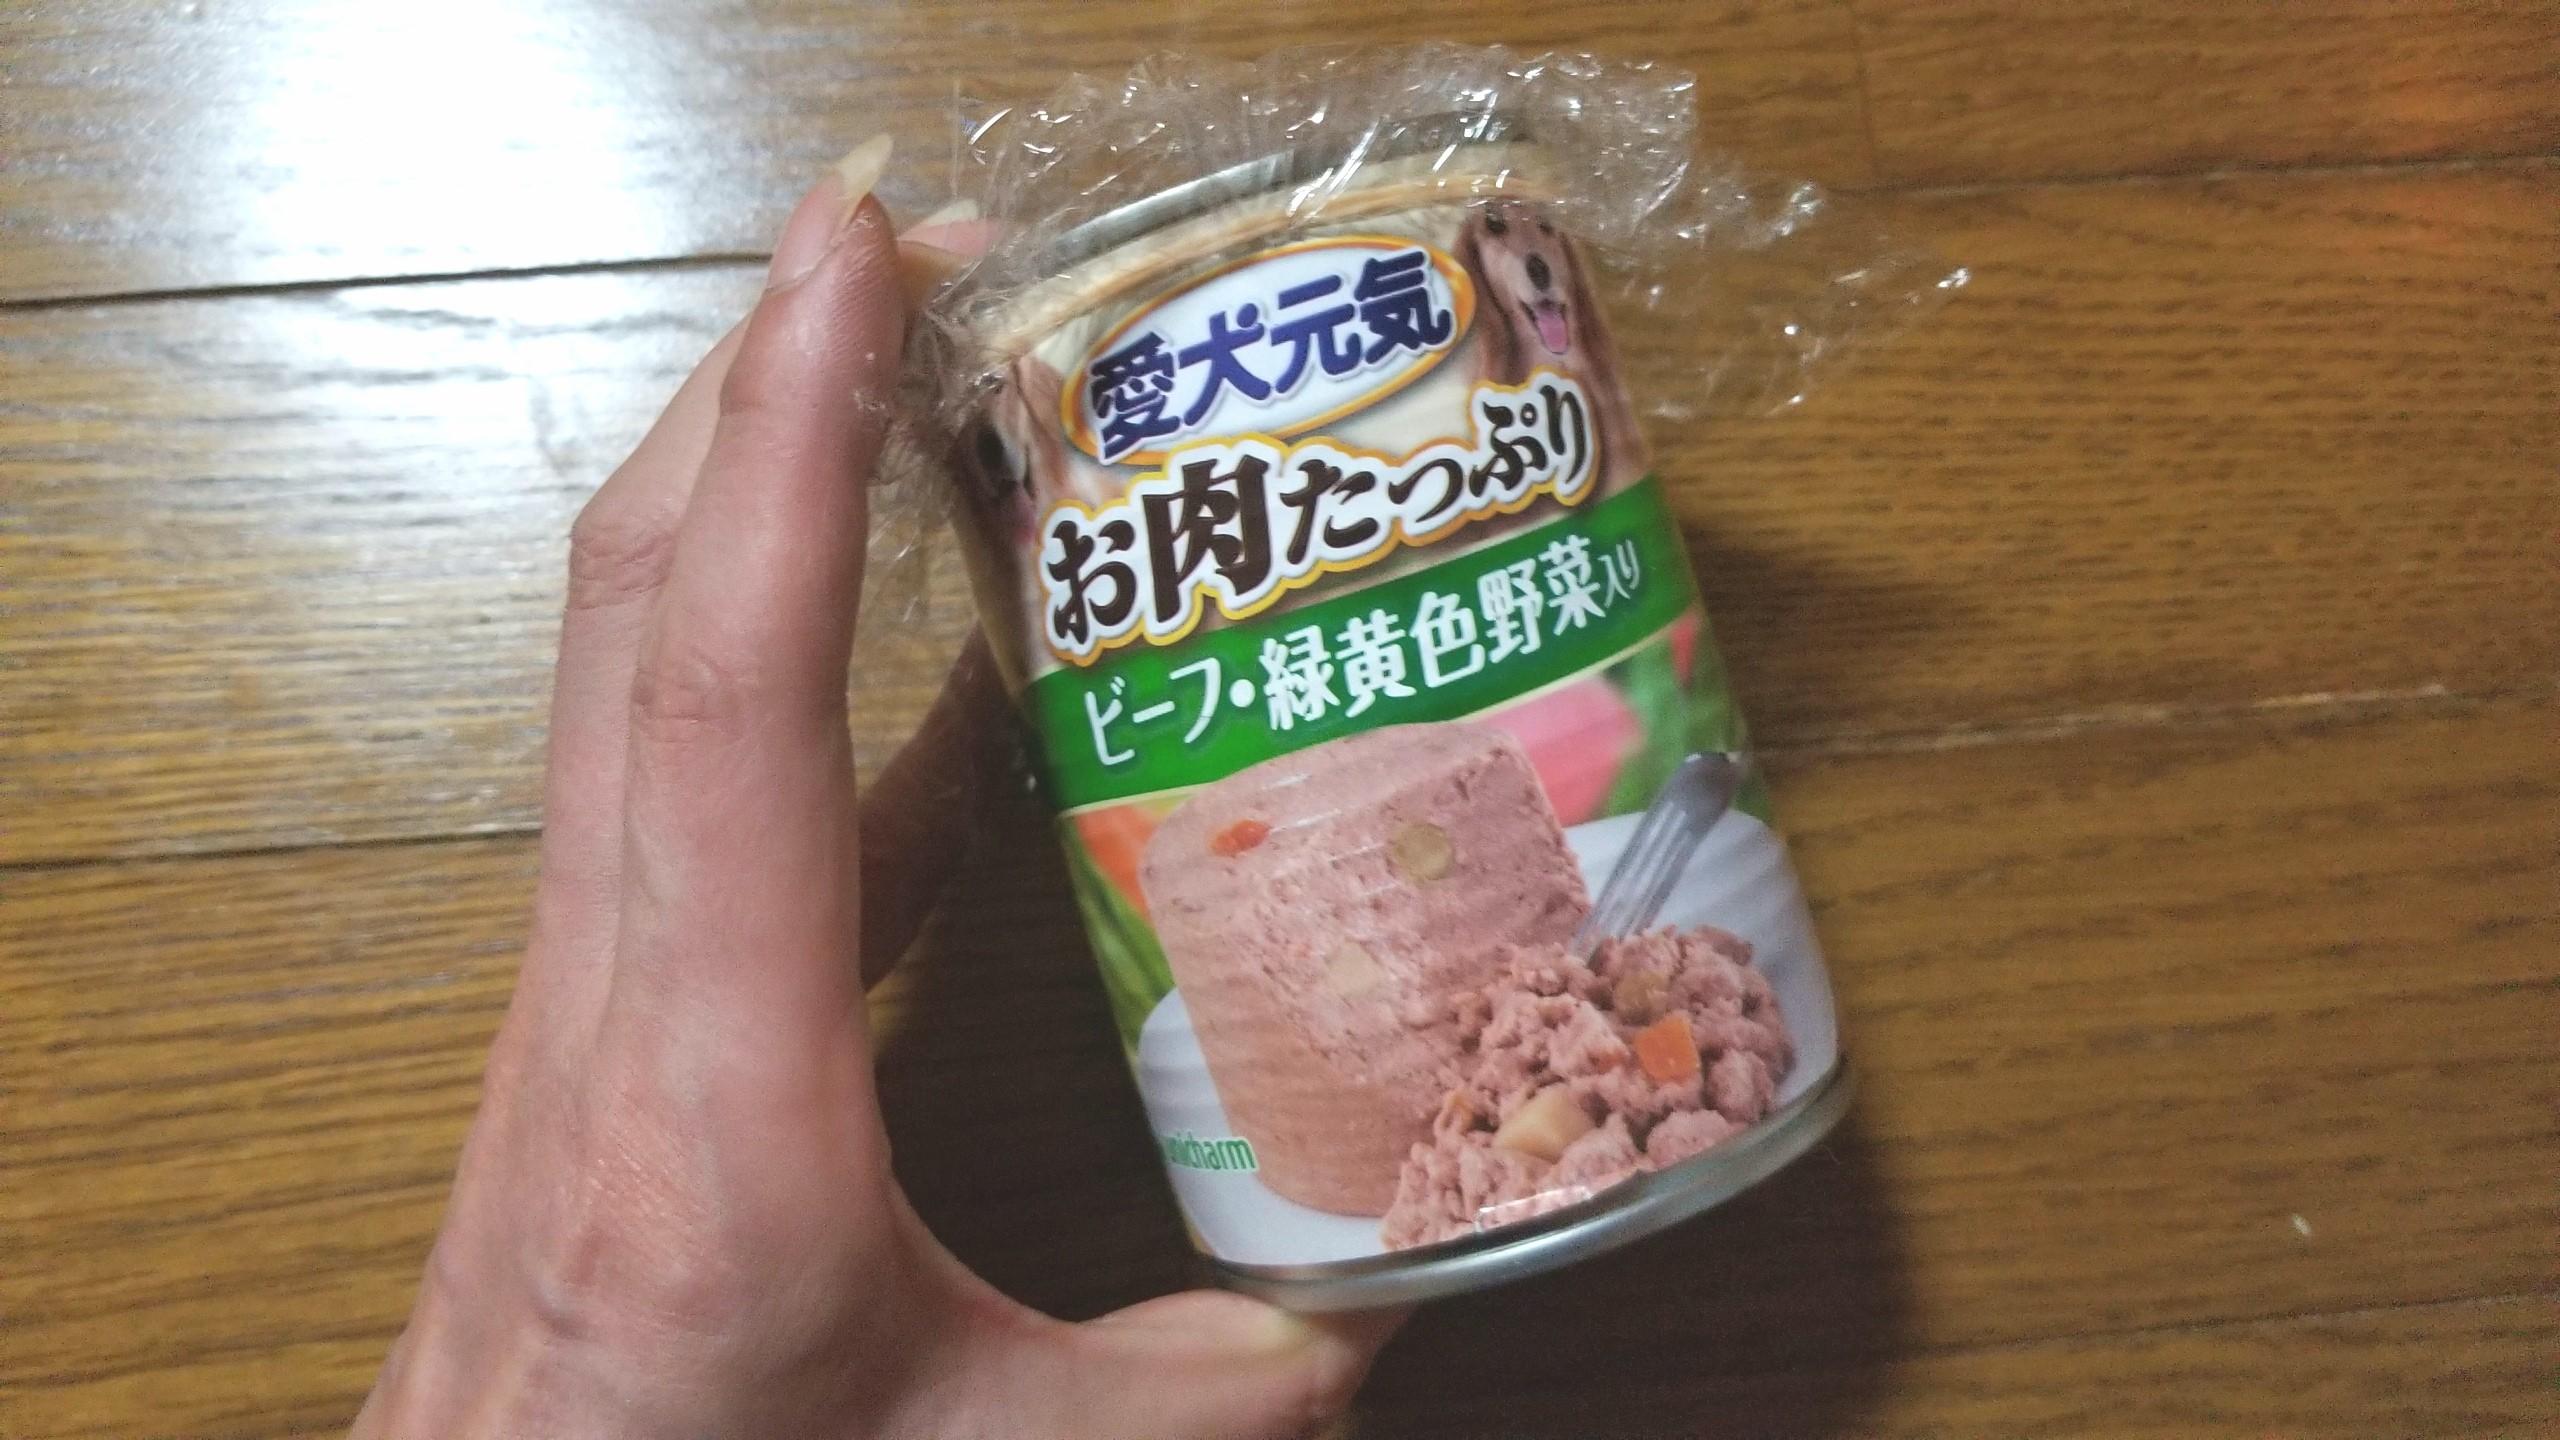 缶詰めドッグフード,ペット犬の食事管理,軟アレルギー,うんち固さ